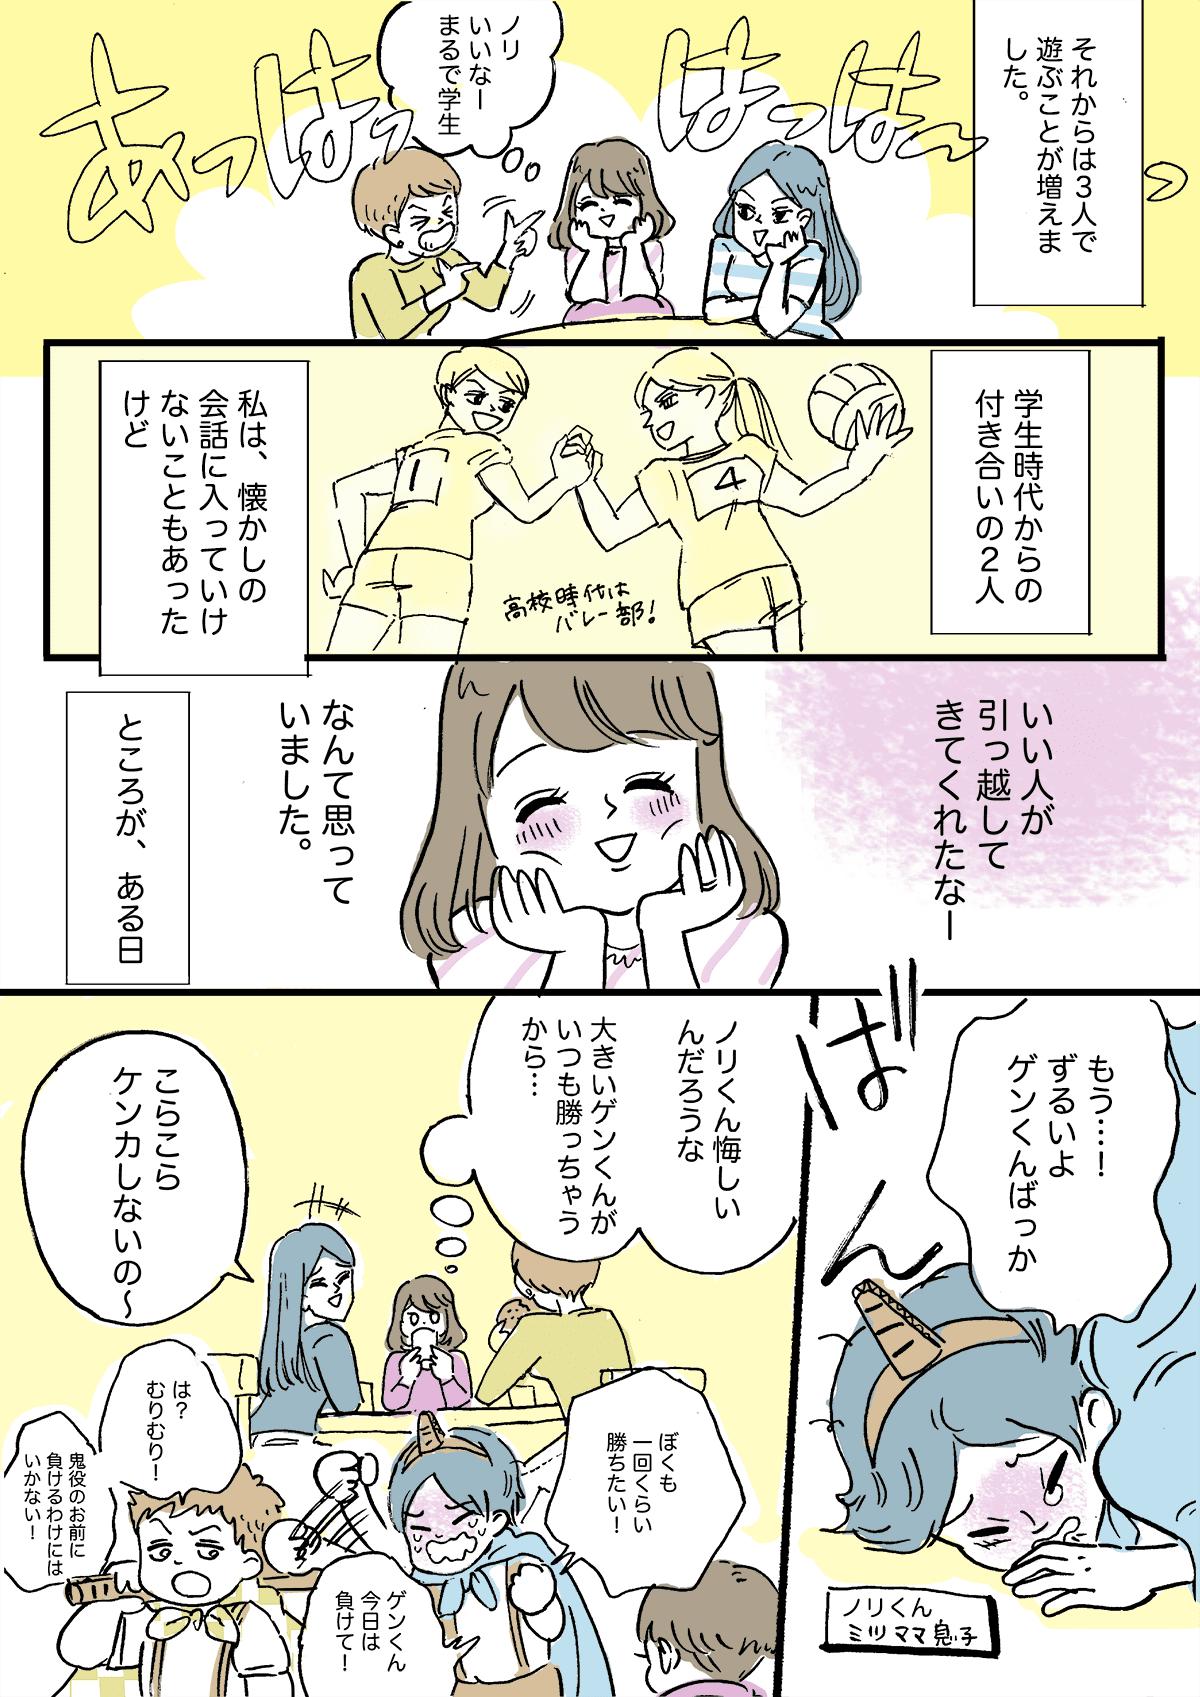 2【前編】河川敷で決闘したママ友